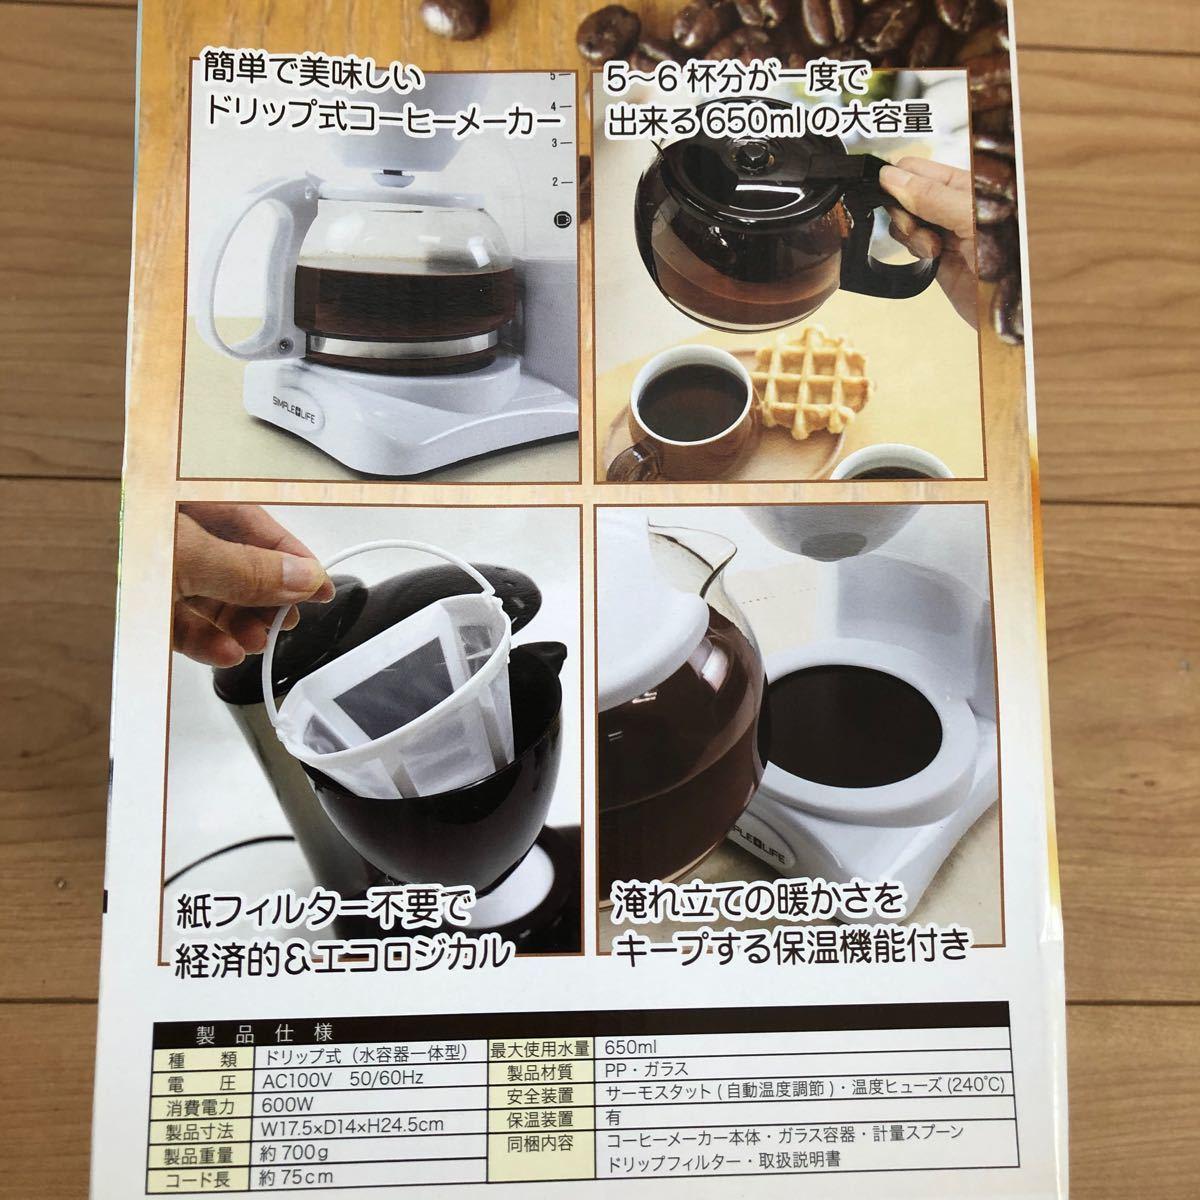 【新品未使用】ドリップ式コーヒーメーカー